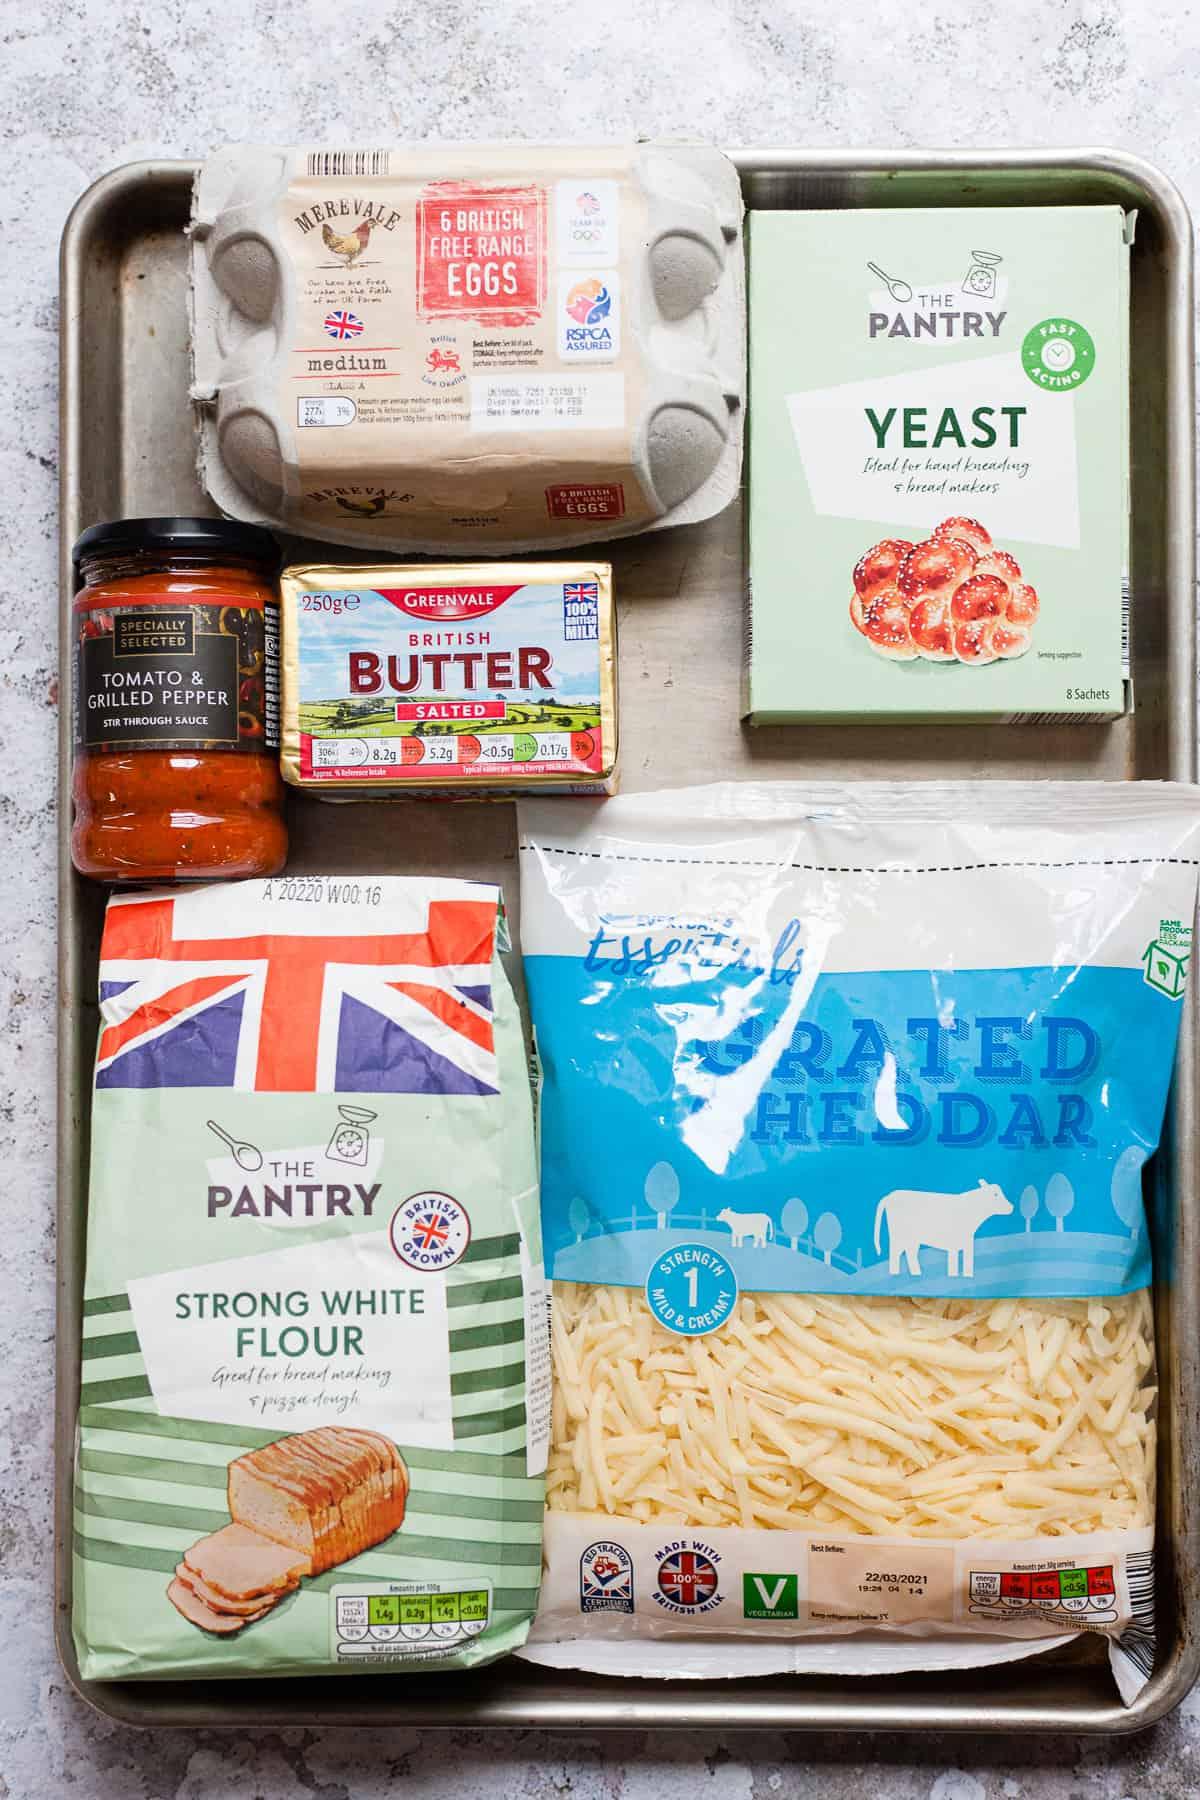 Aldi ingredients for cheddar rolls